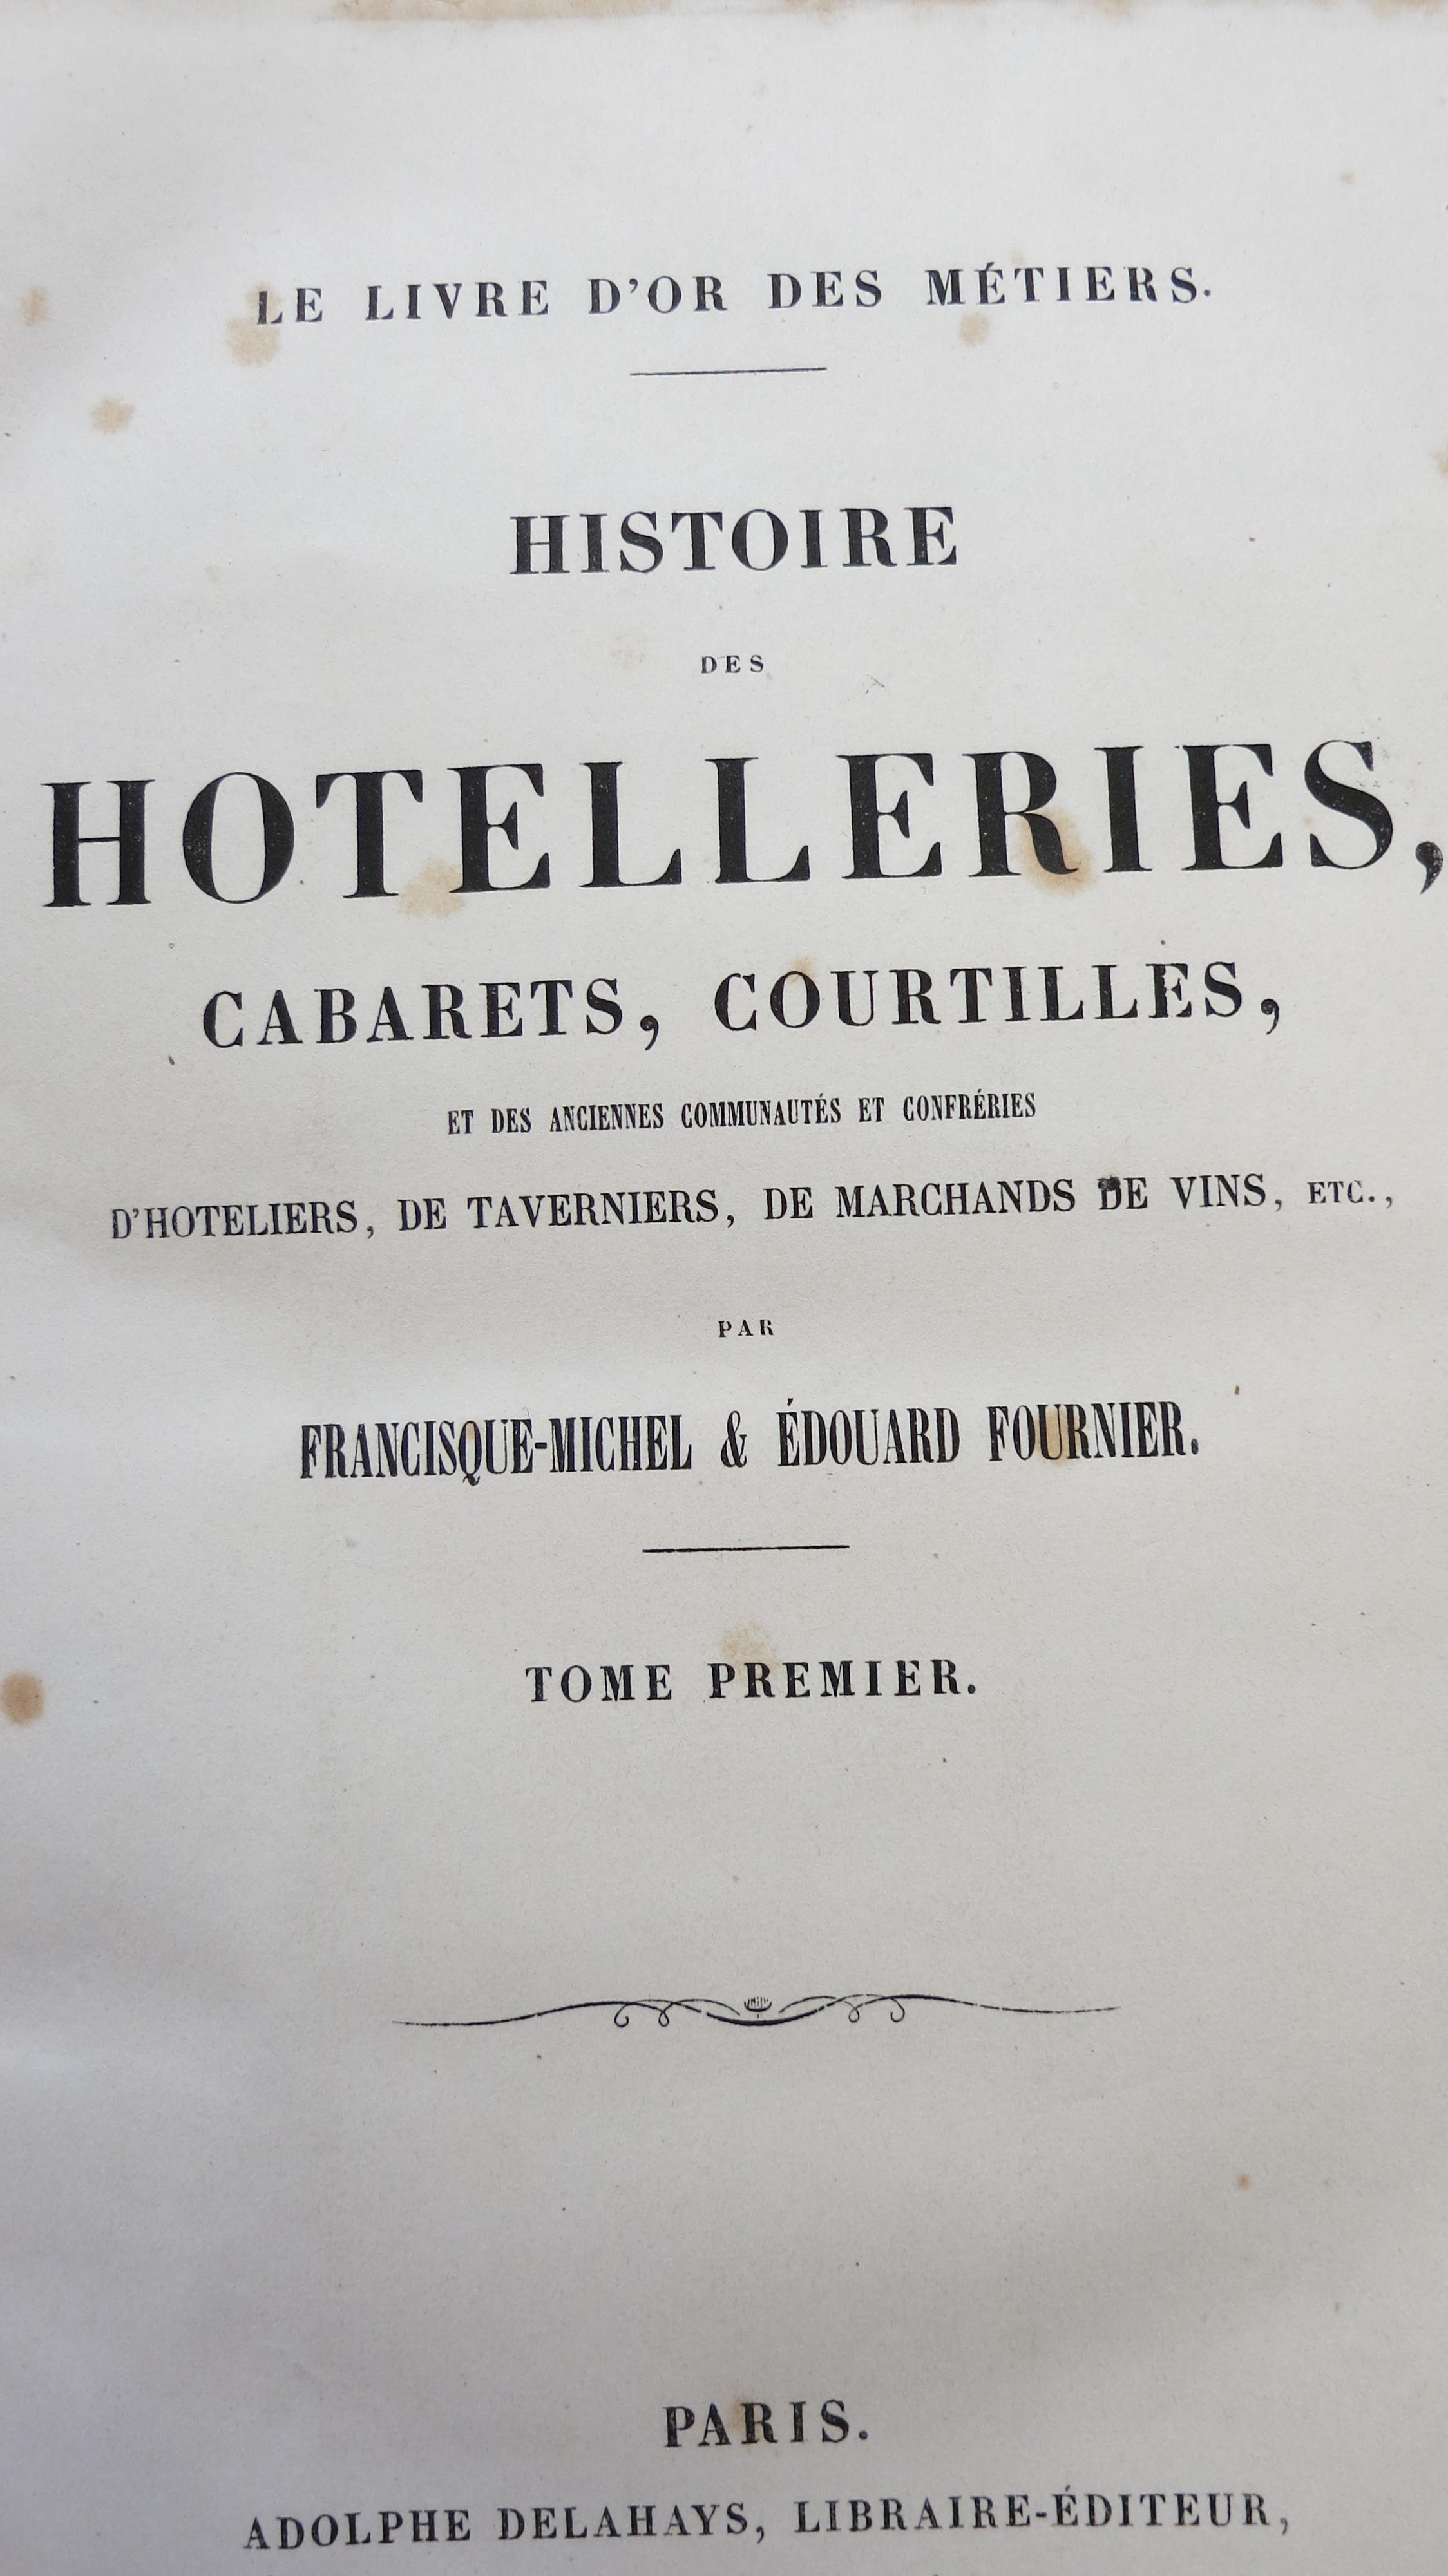 Histoire des hôtelleries cabarets courtilles